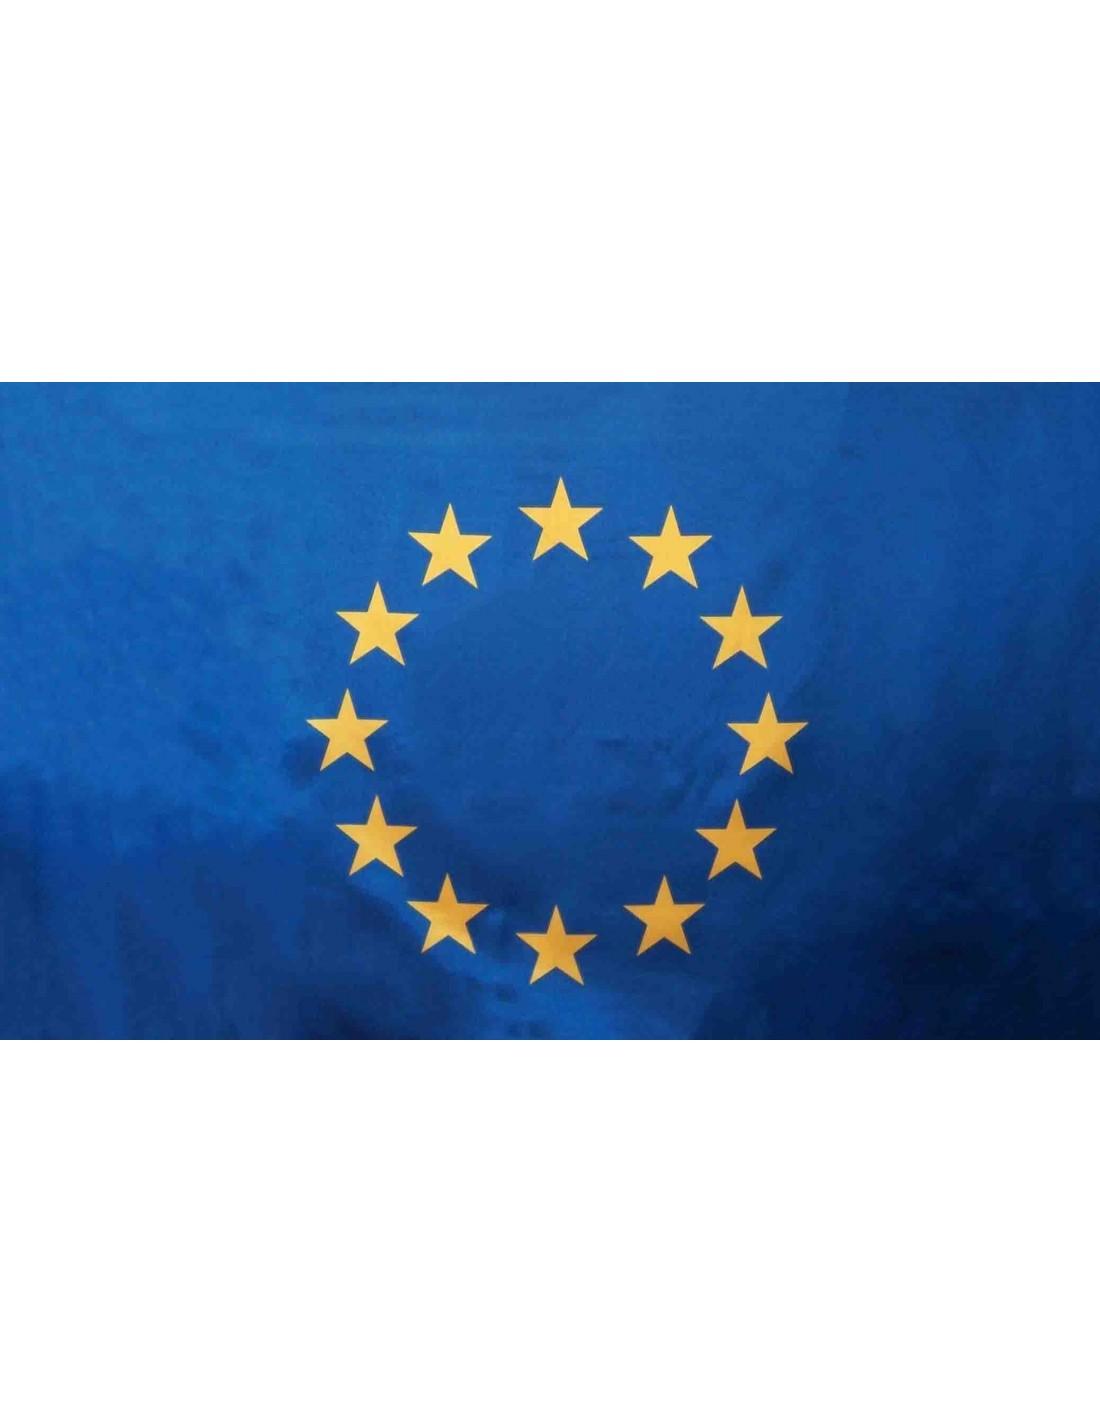 ddc33619ae Bandera de la Unión Europea UE Estándar en Raso de Alta Calidad